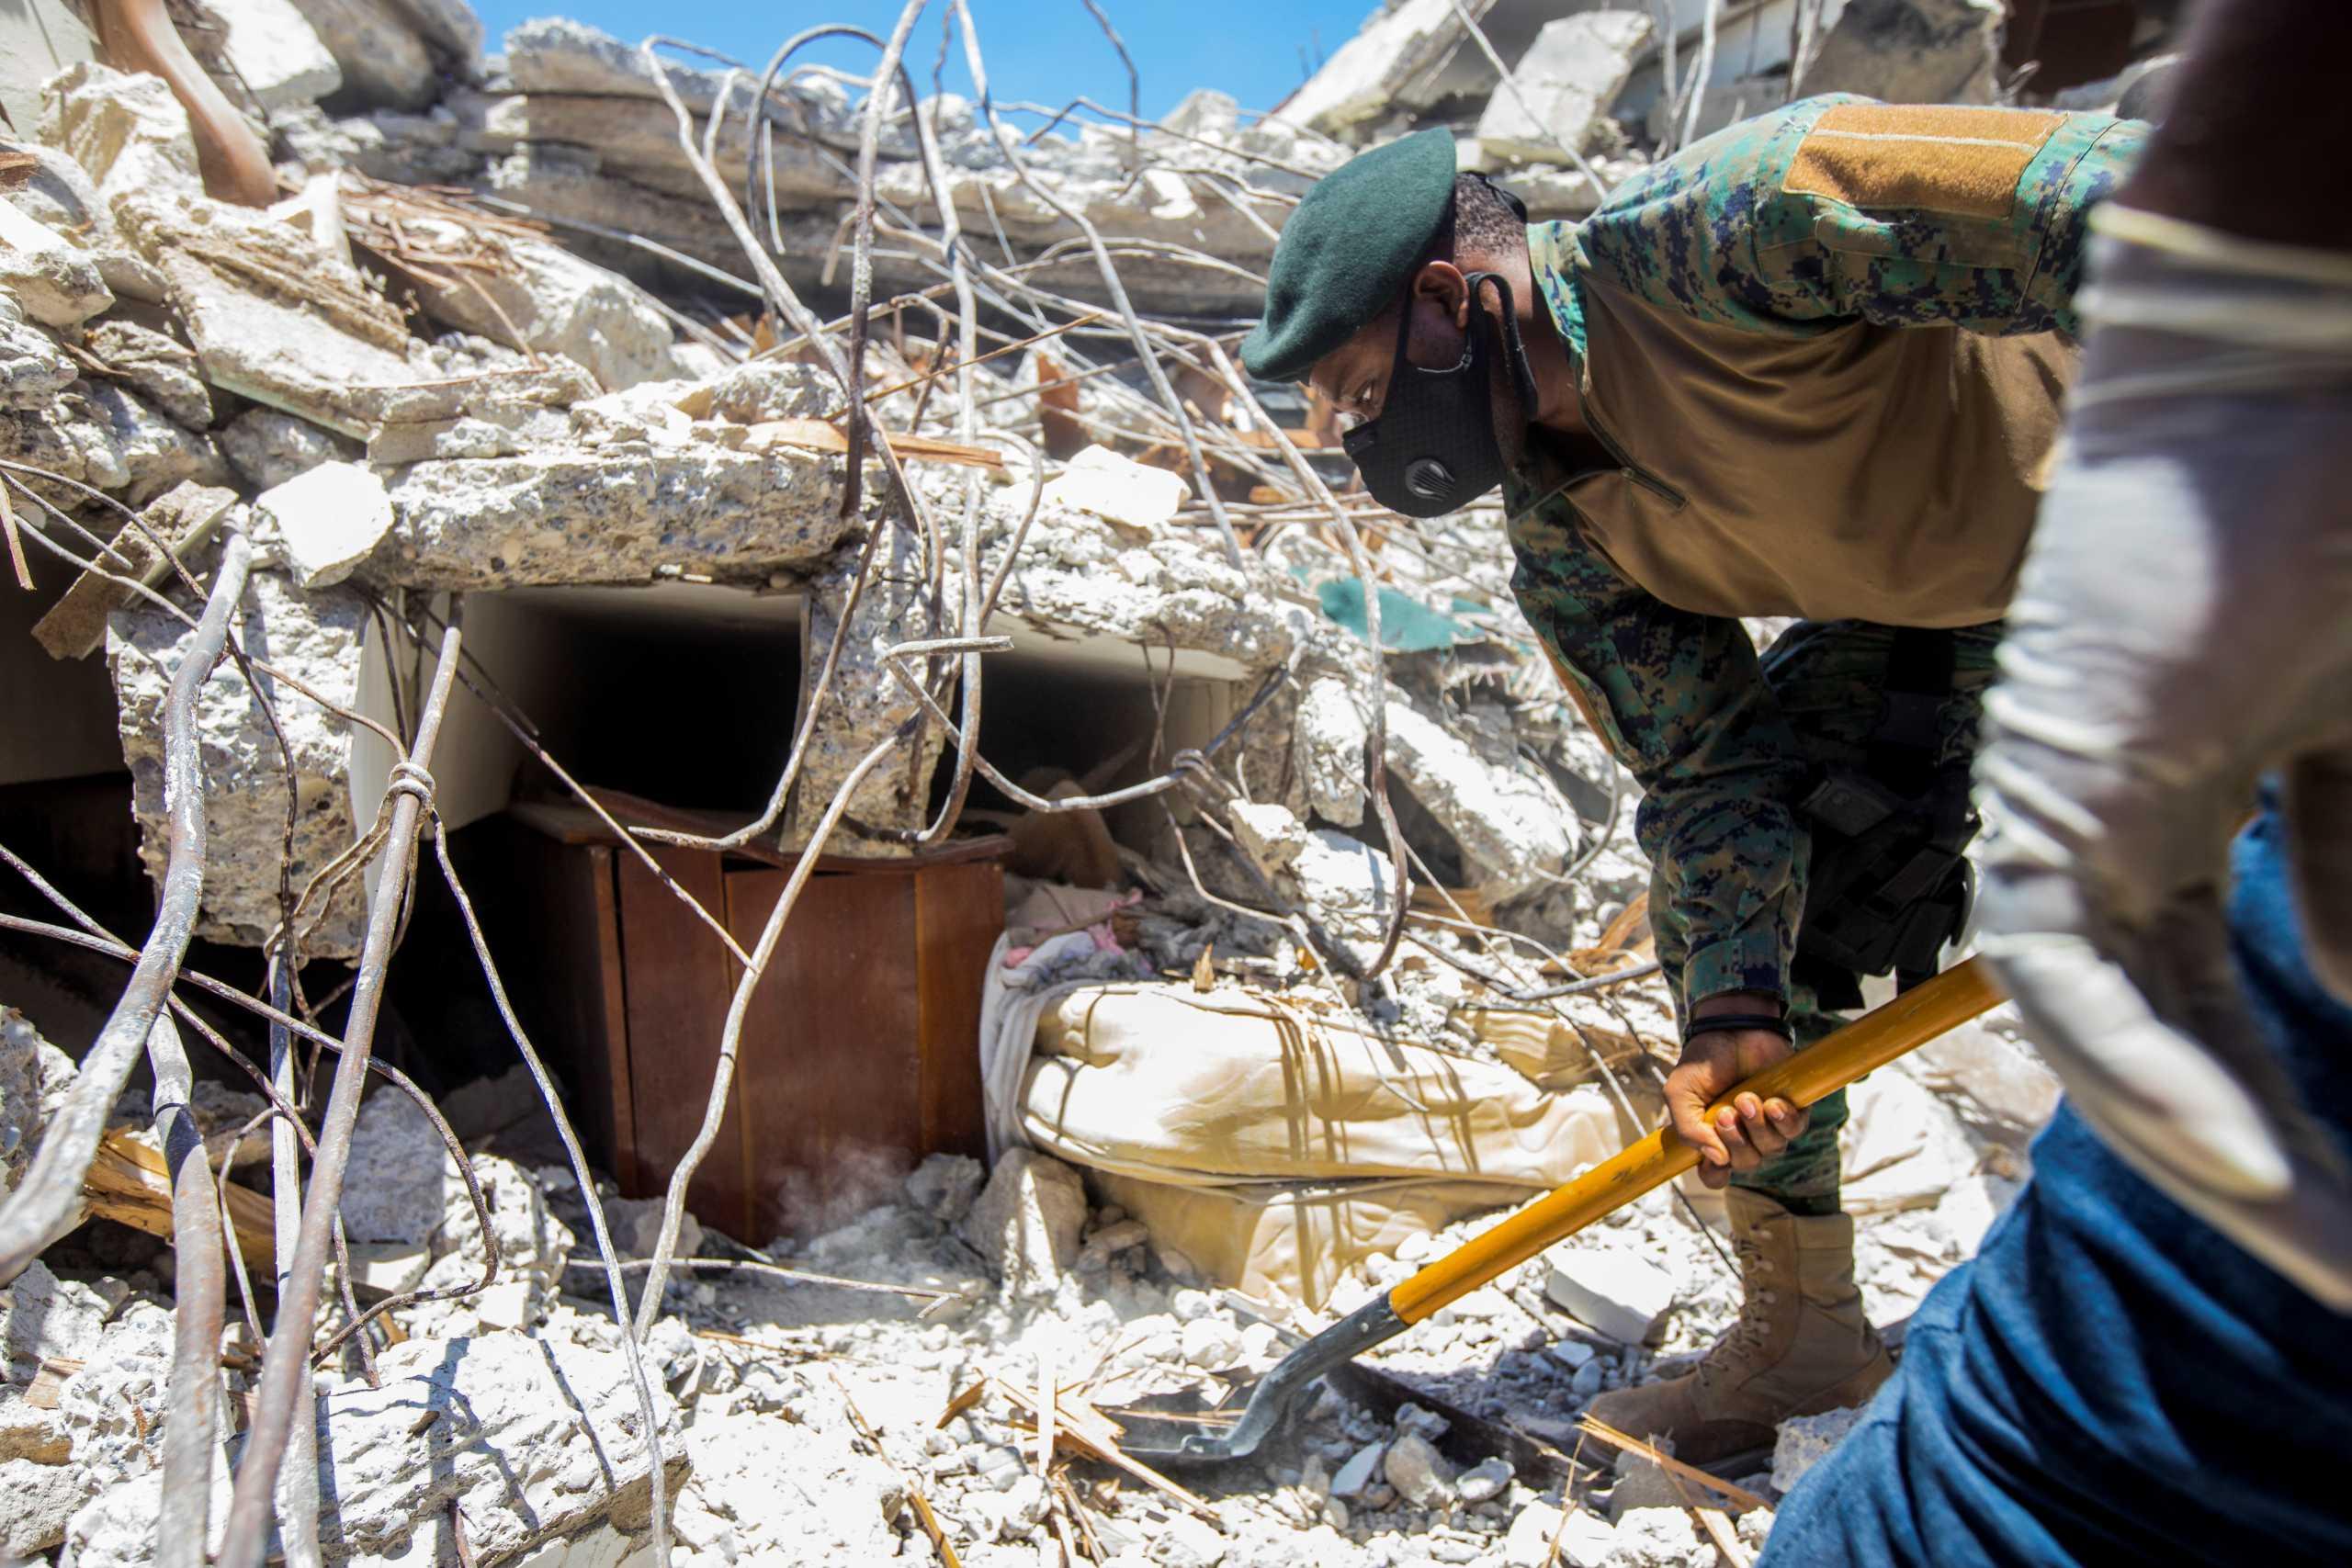 Σεισμός στην Αϊτή: Σχεδόν 1.300 οι νεκροί, πάνω από 5.700 τραυματίες